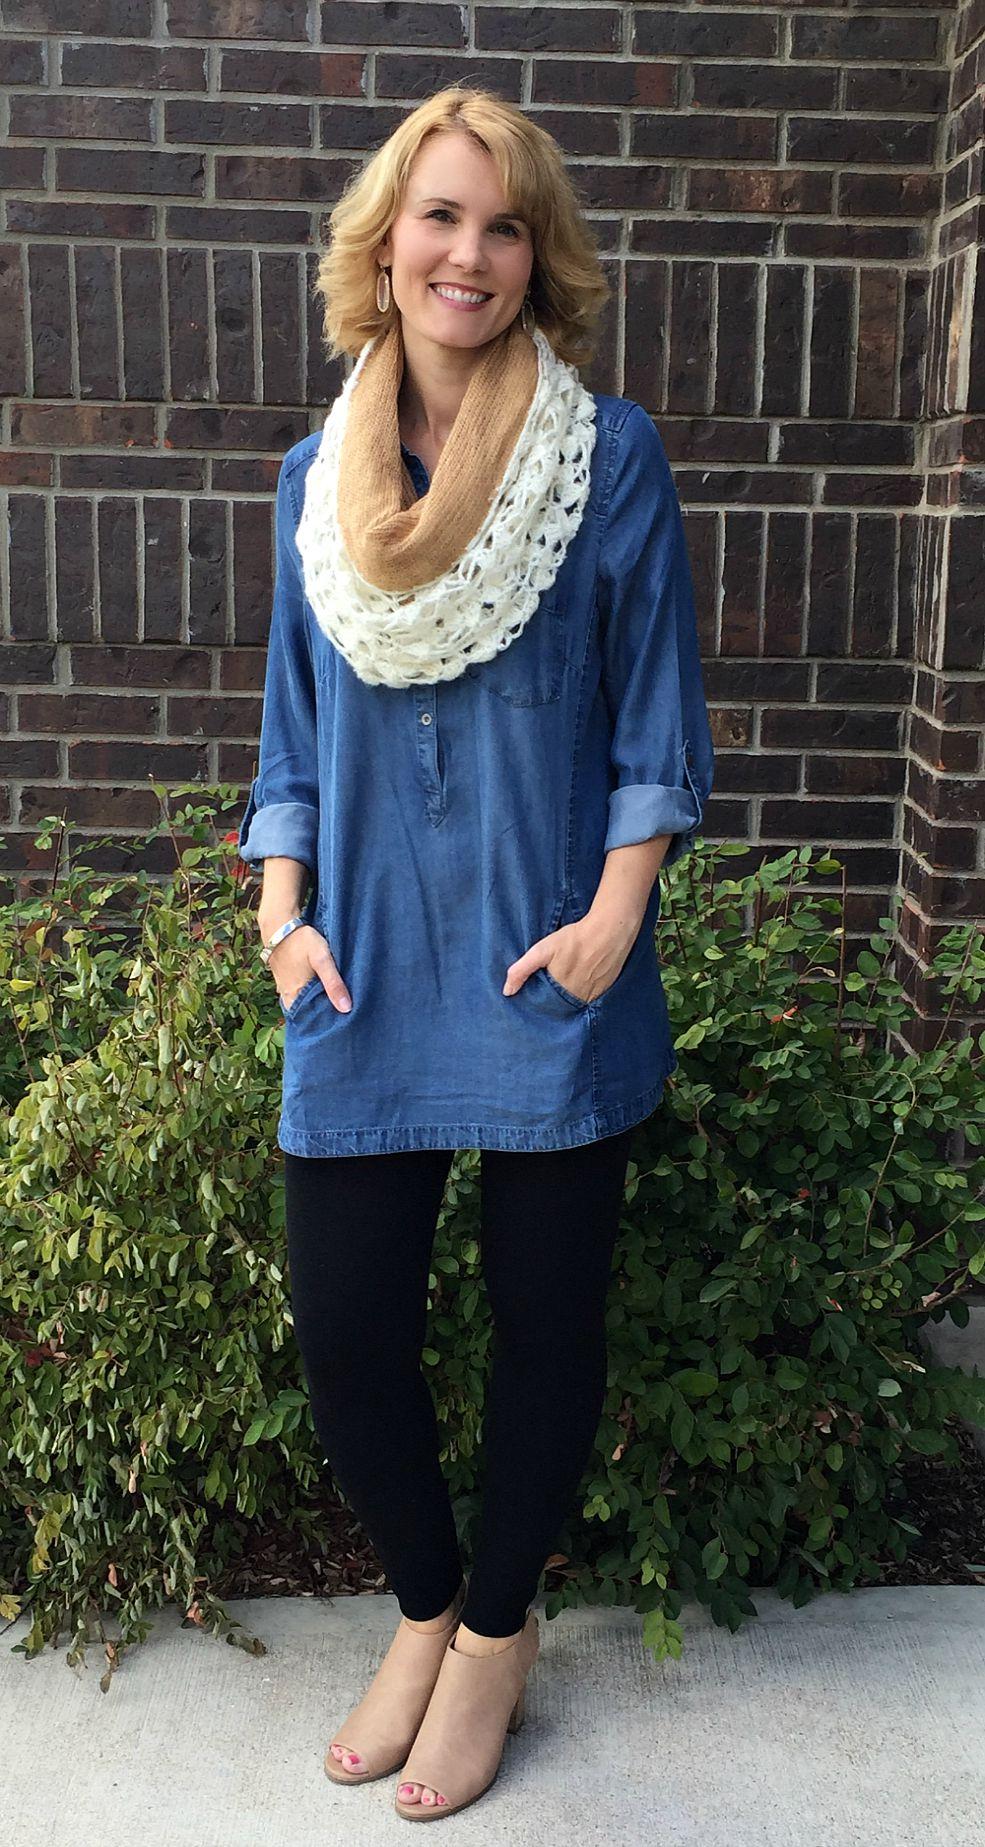 Moms Do Fall Fashion - The Tunic of all Tunics   Mom Fabulous